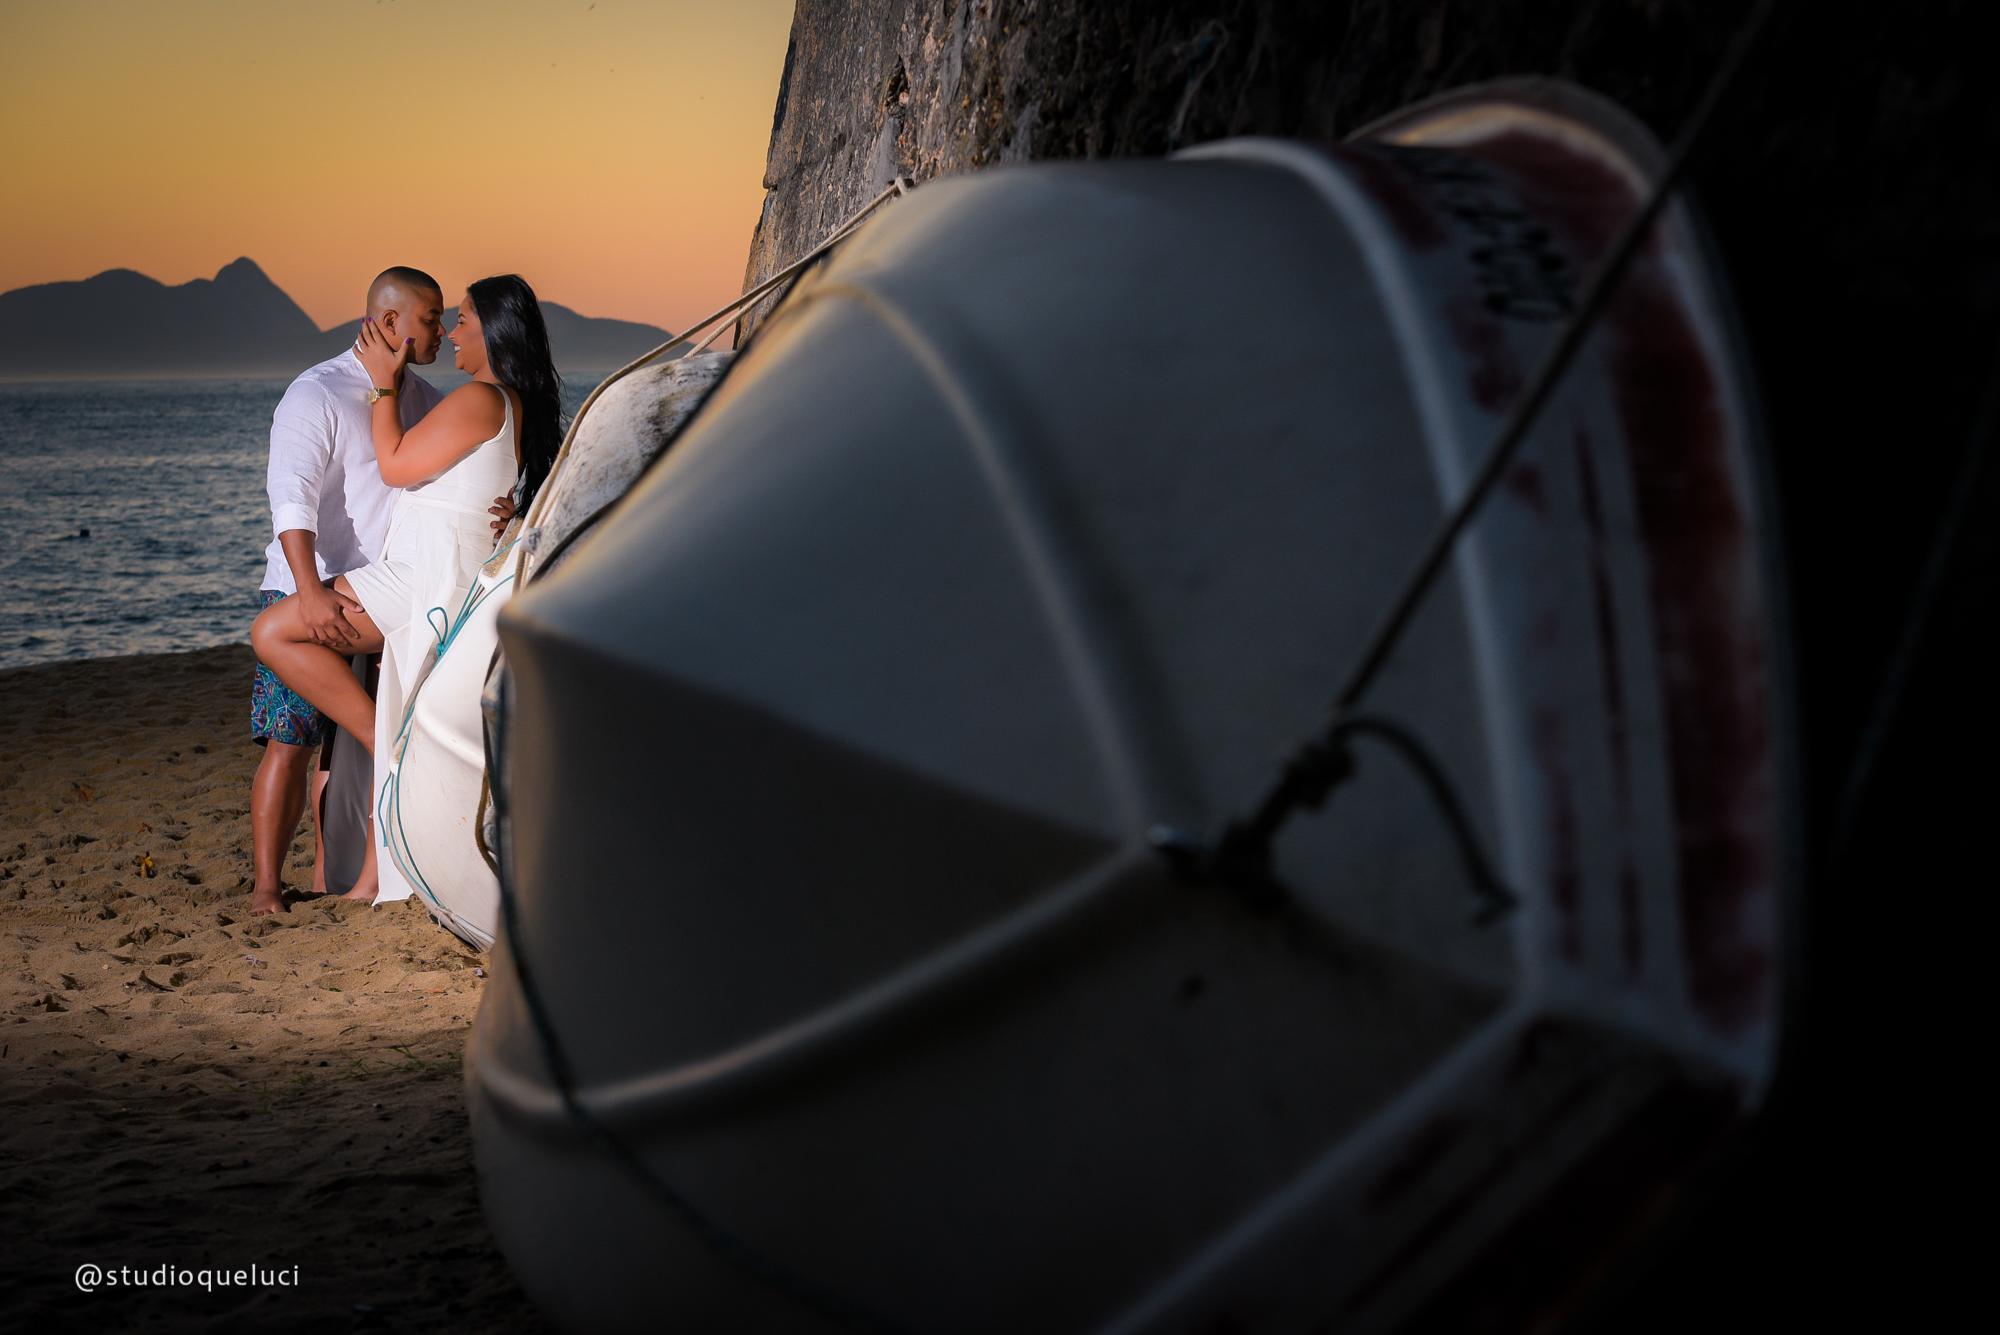 Fotografo de casamento ensaio pre casamento (75)